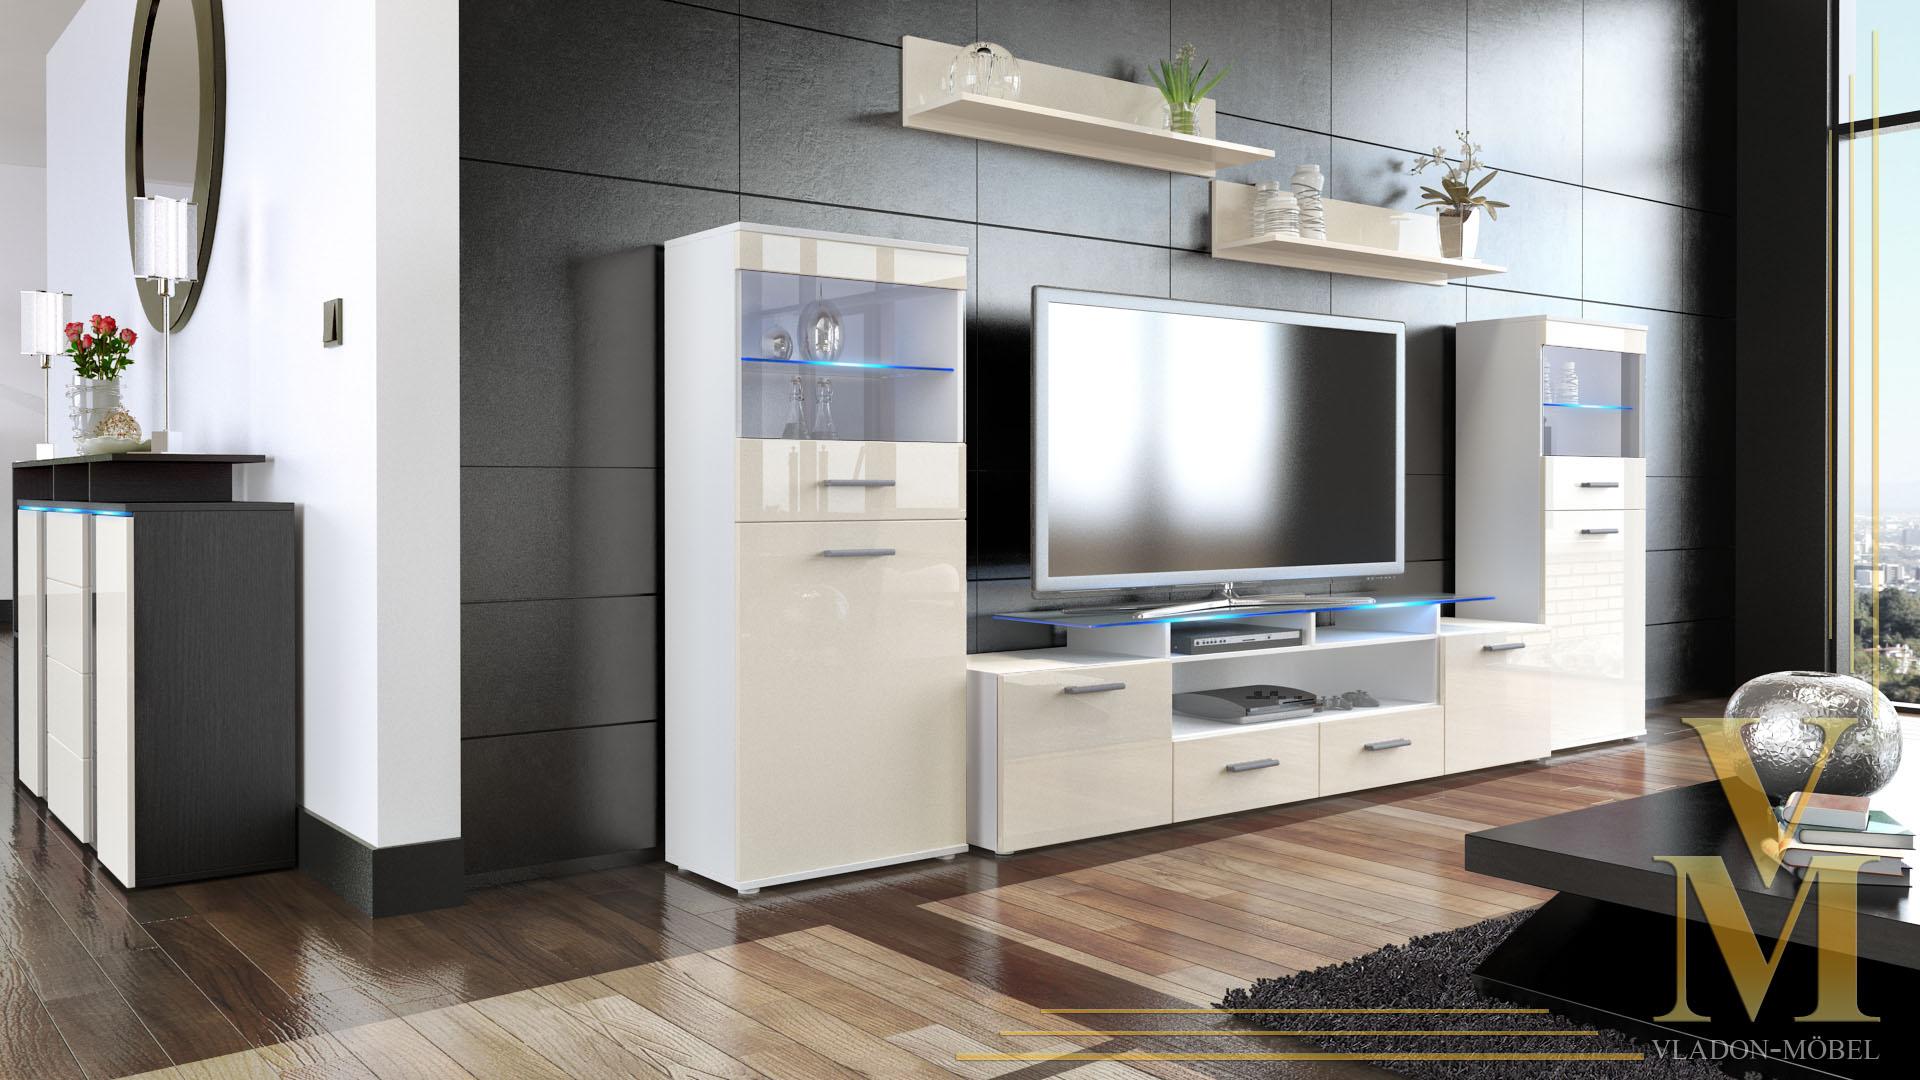 Wohnzimmer Cremeweis ~ Ideen Für Die Innenarchitektur Ihres Hauses Wohnzimmer Cremeweis